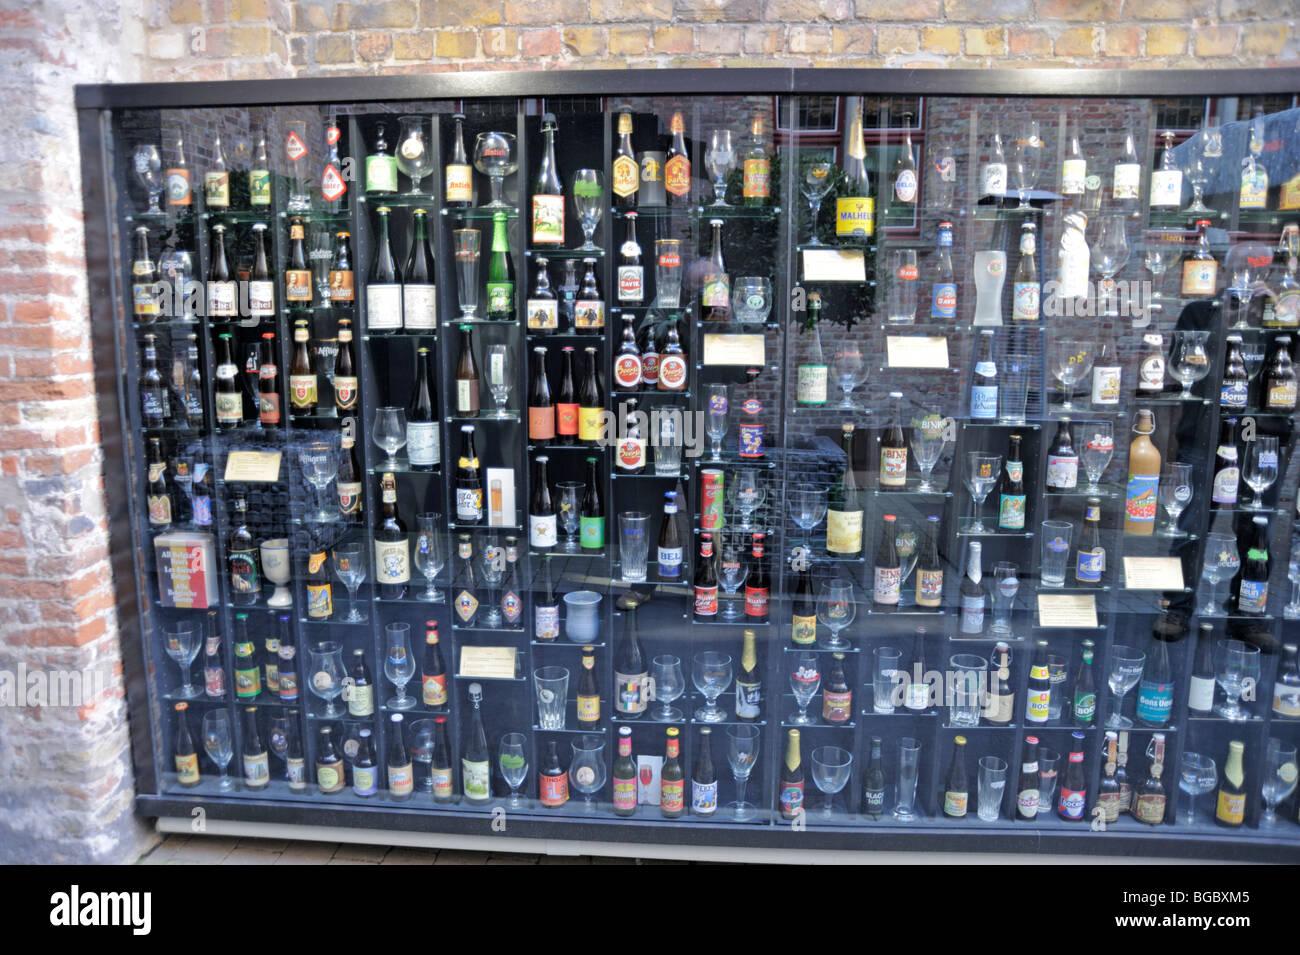 Belgium Beer Bruges Stock Photos & Belgium Beer Bruges Stock ...